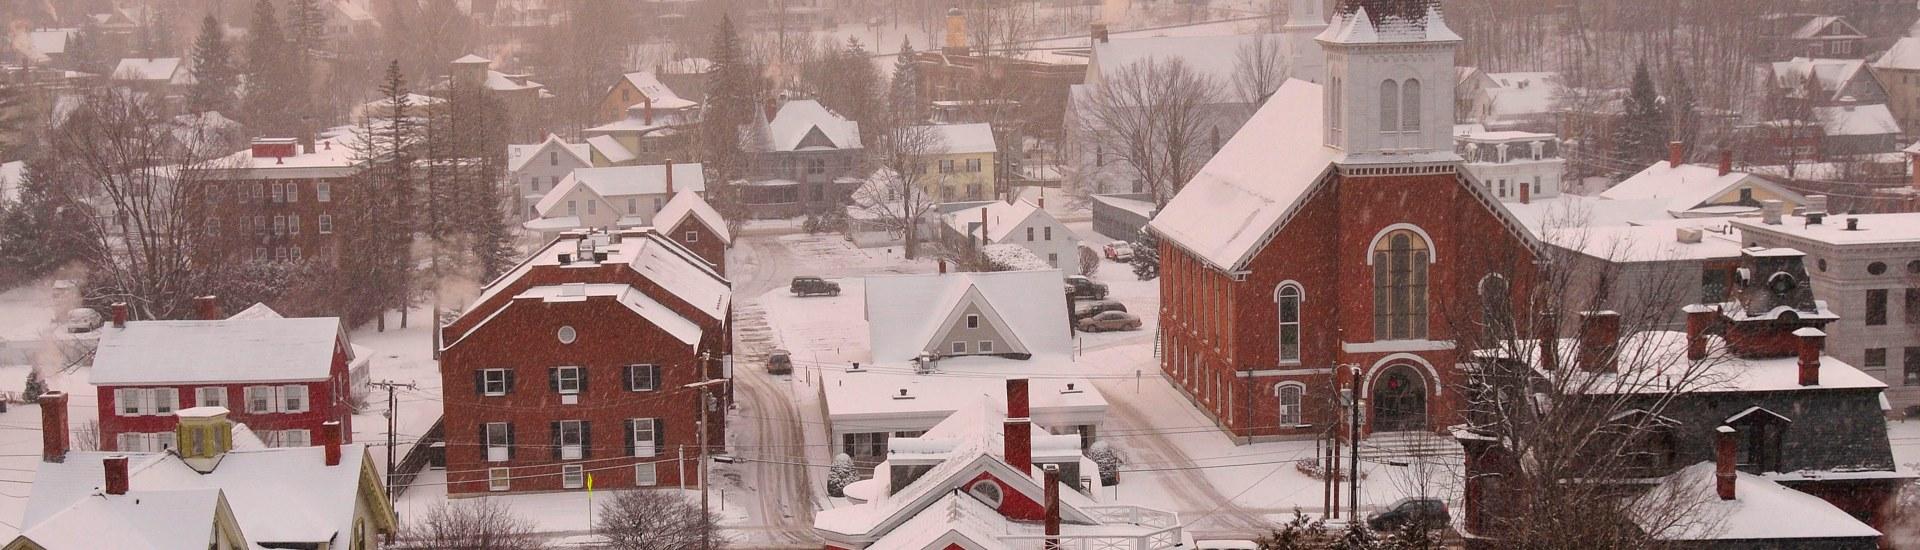 Montpelier-winter-dawn_website